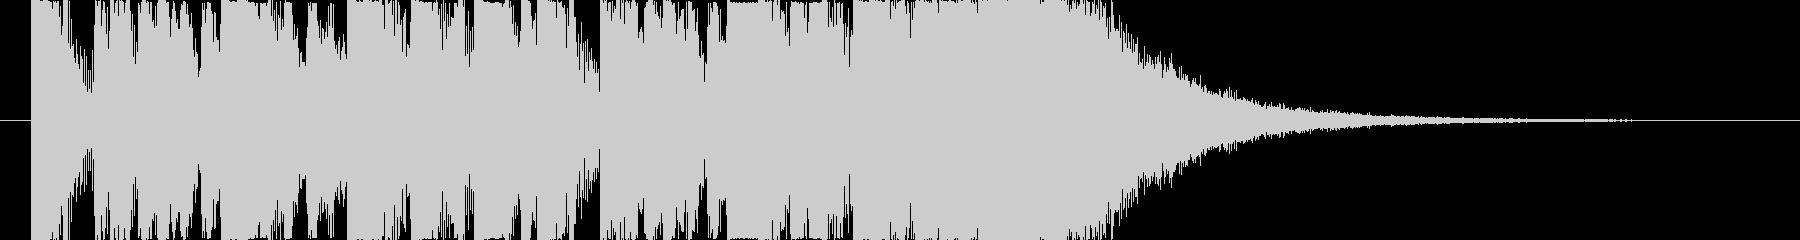 ダークな旋律のTRAPジングルの未再生の波形